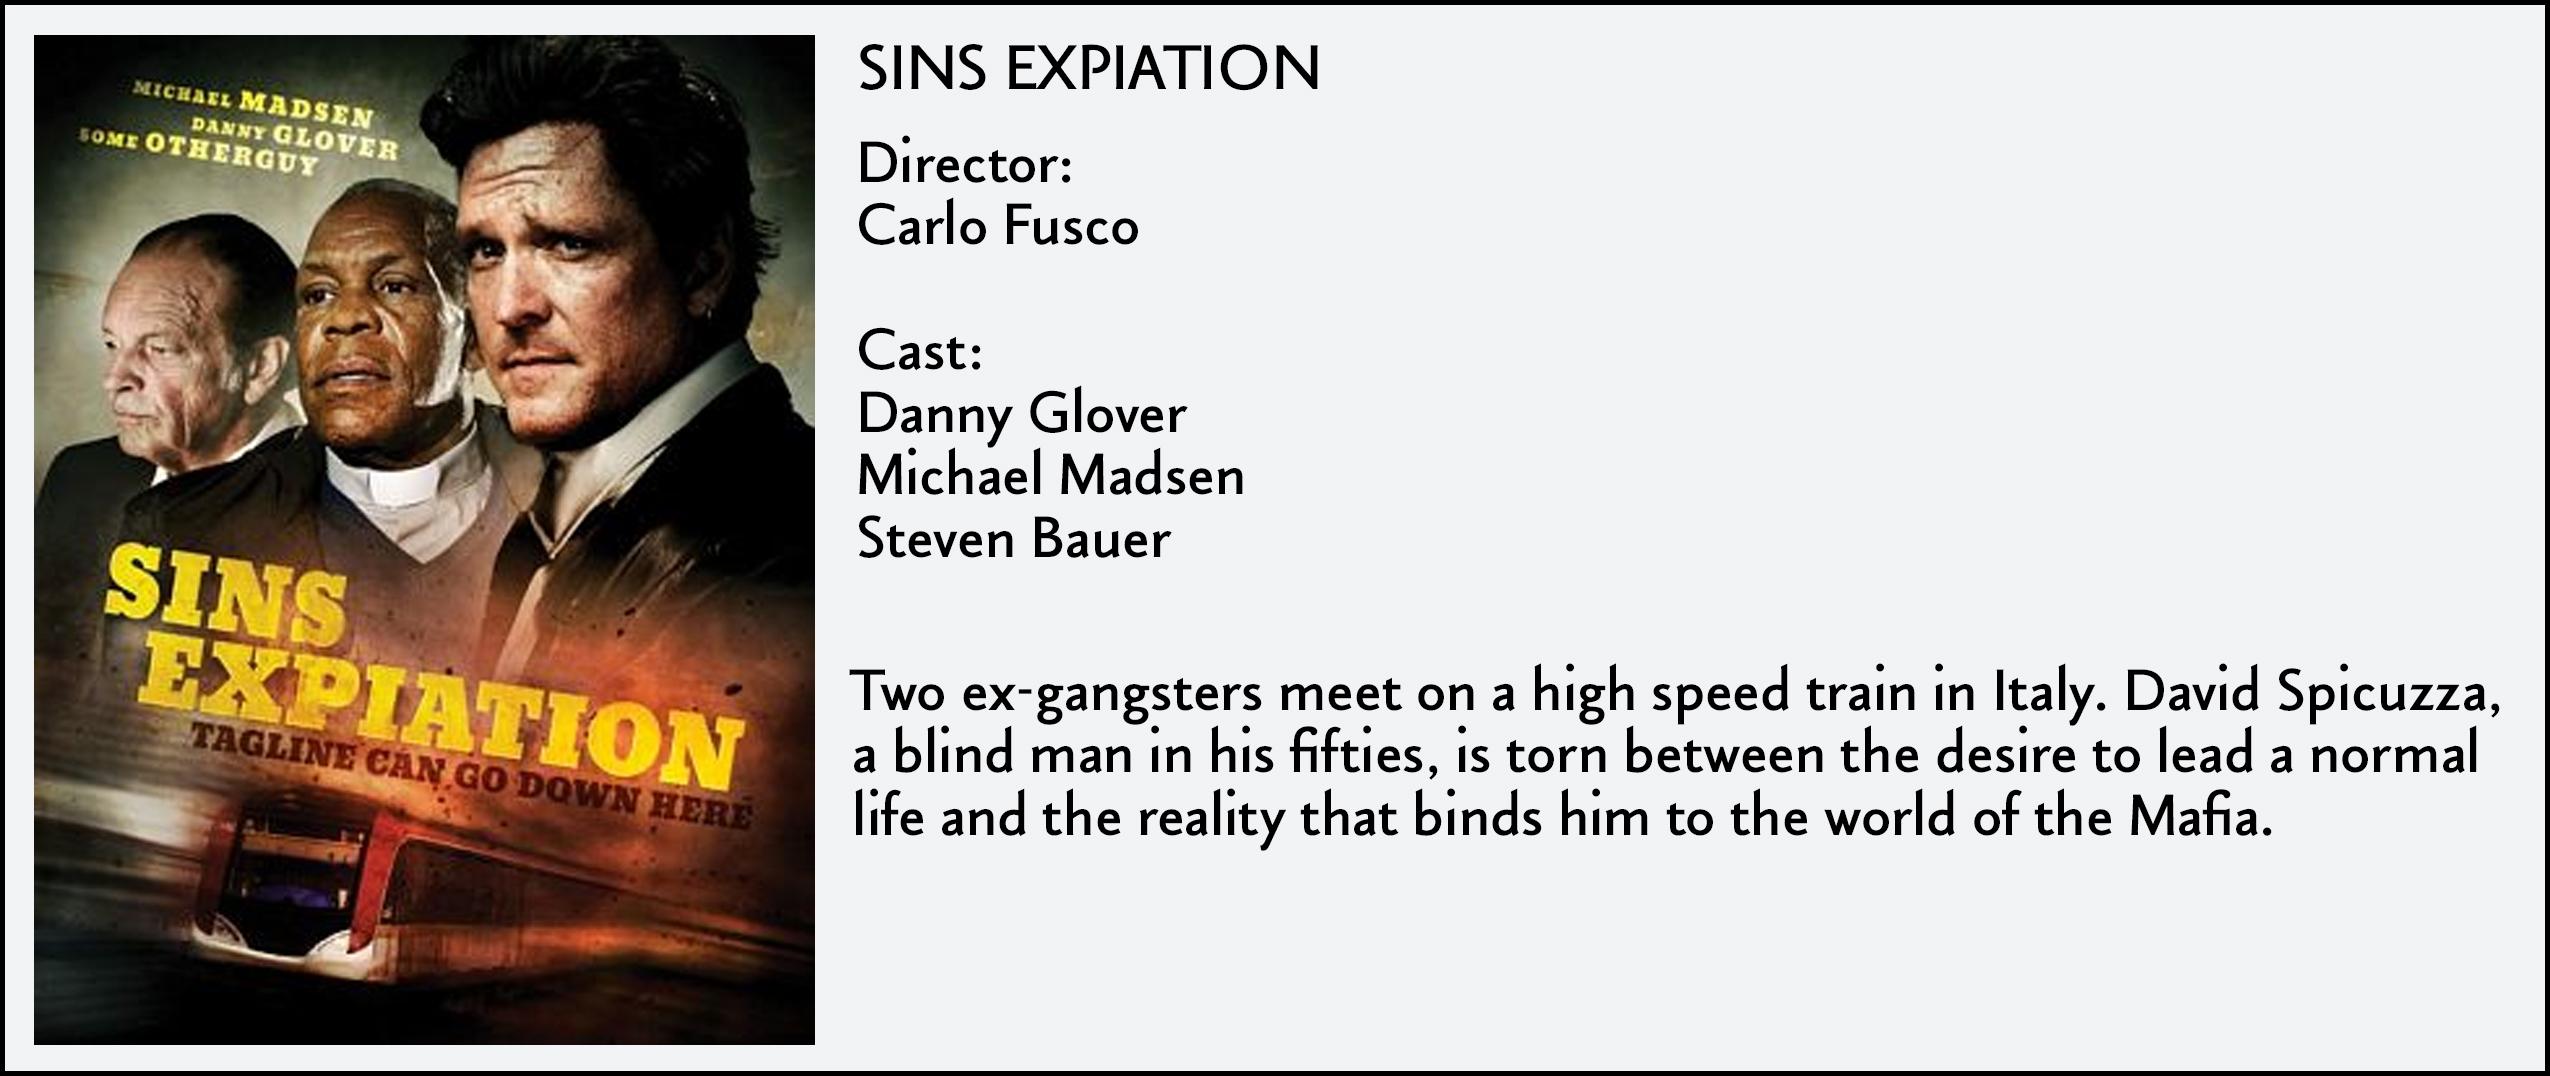 Sins Expiation